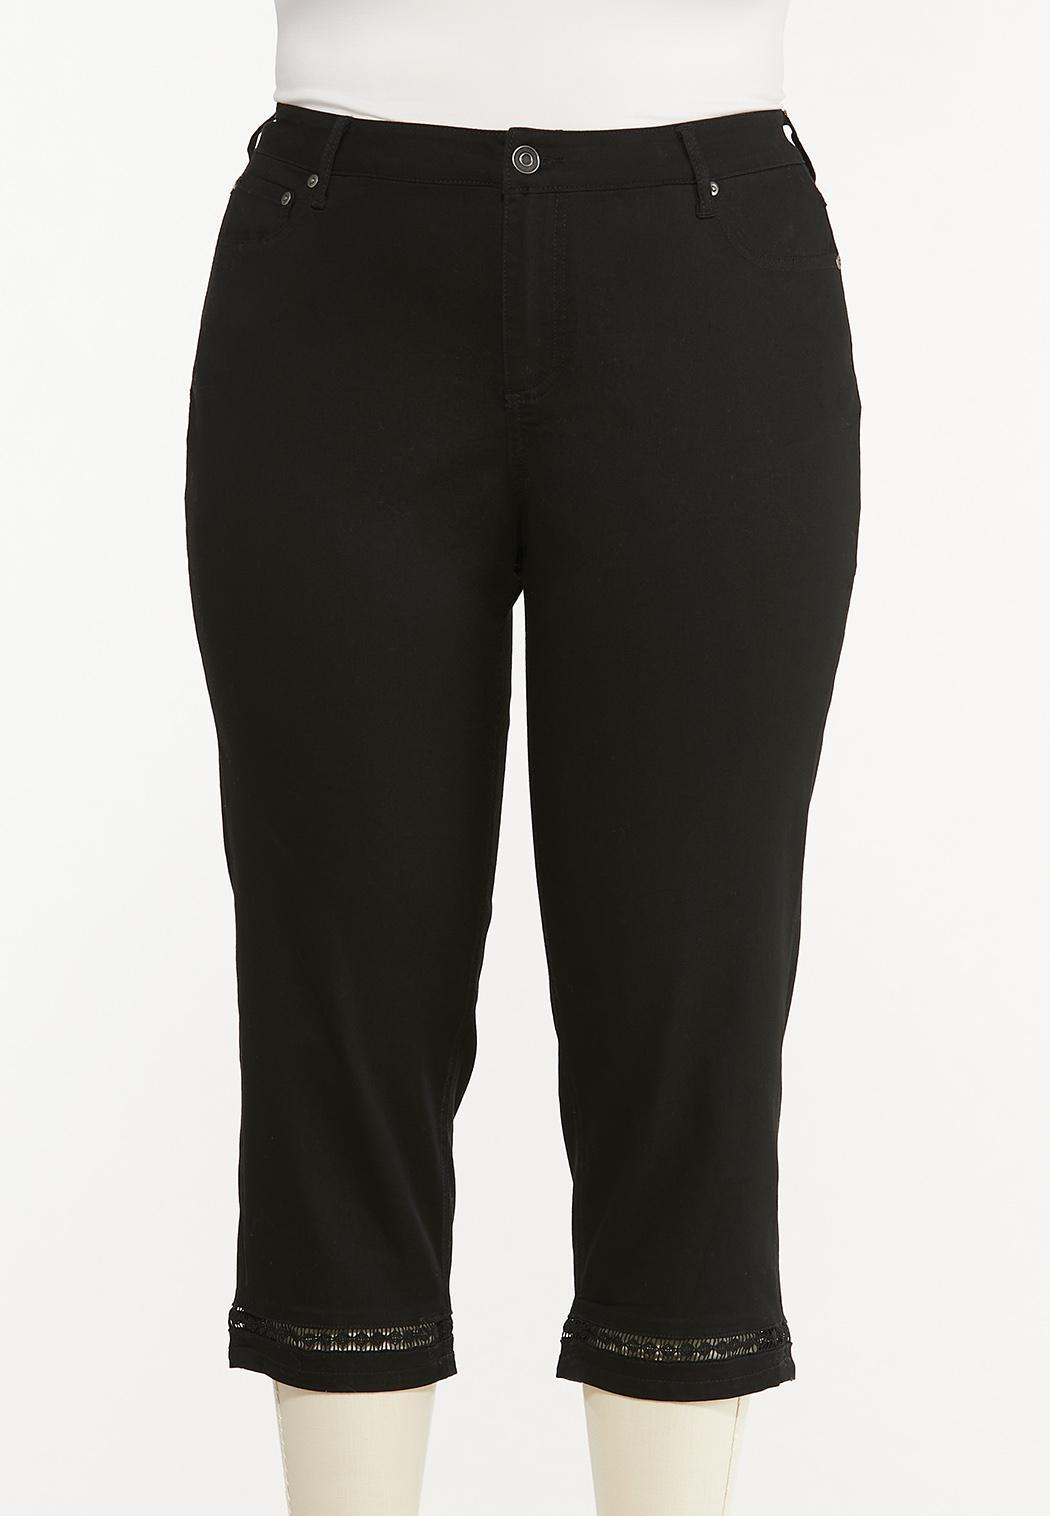 Plus Size Cropped Black Lattice Jeans